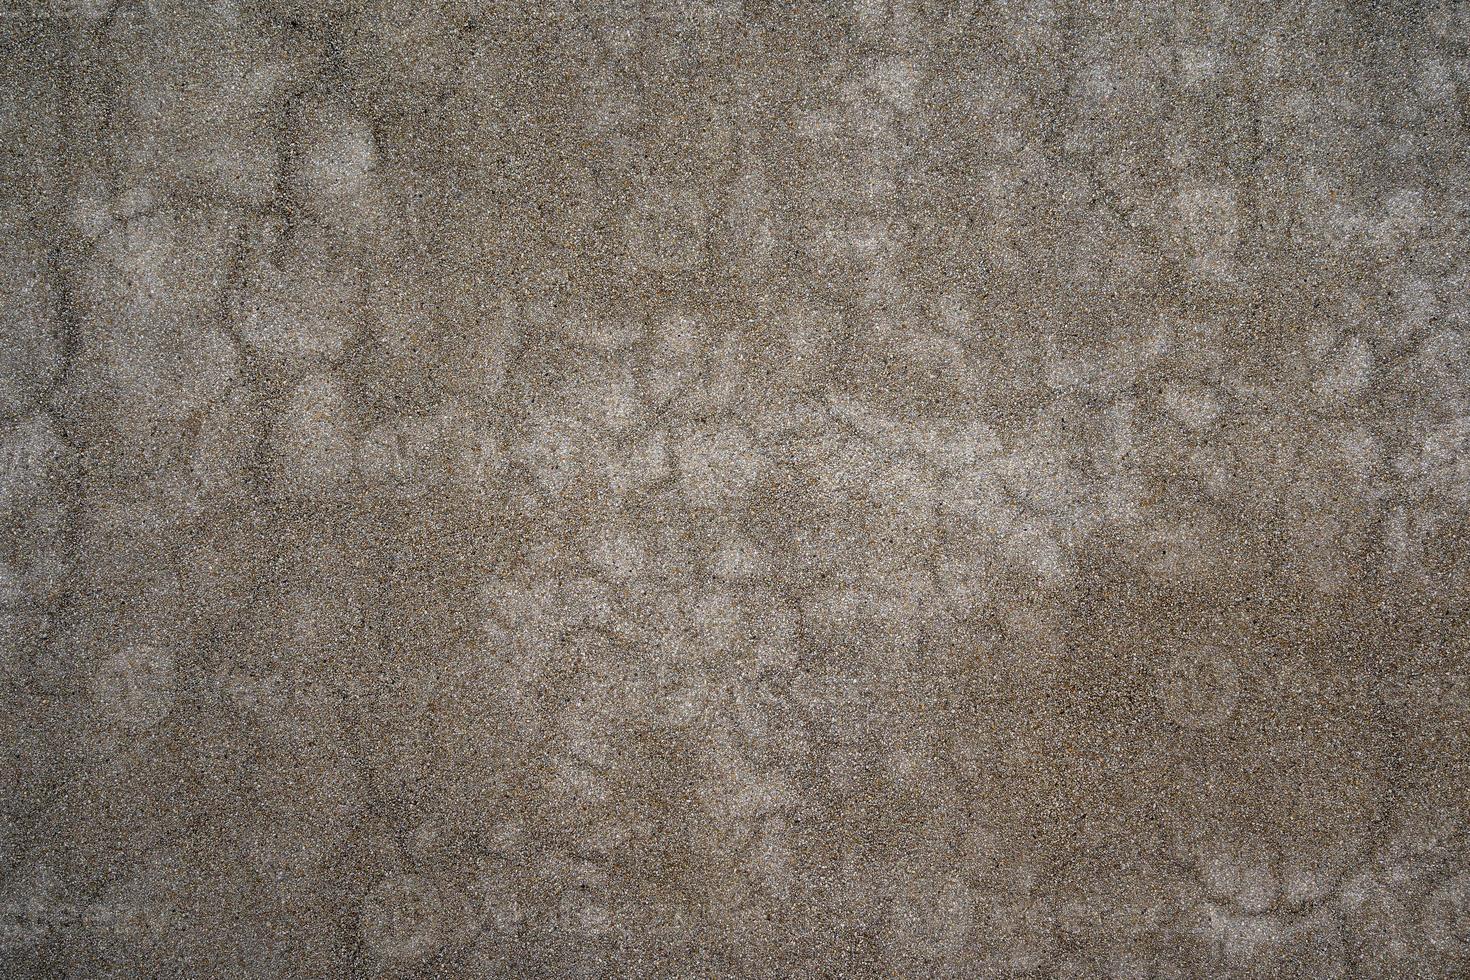 fundo de parede de cimento antigo foto